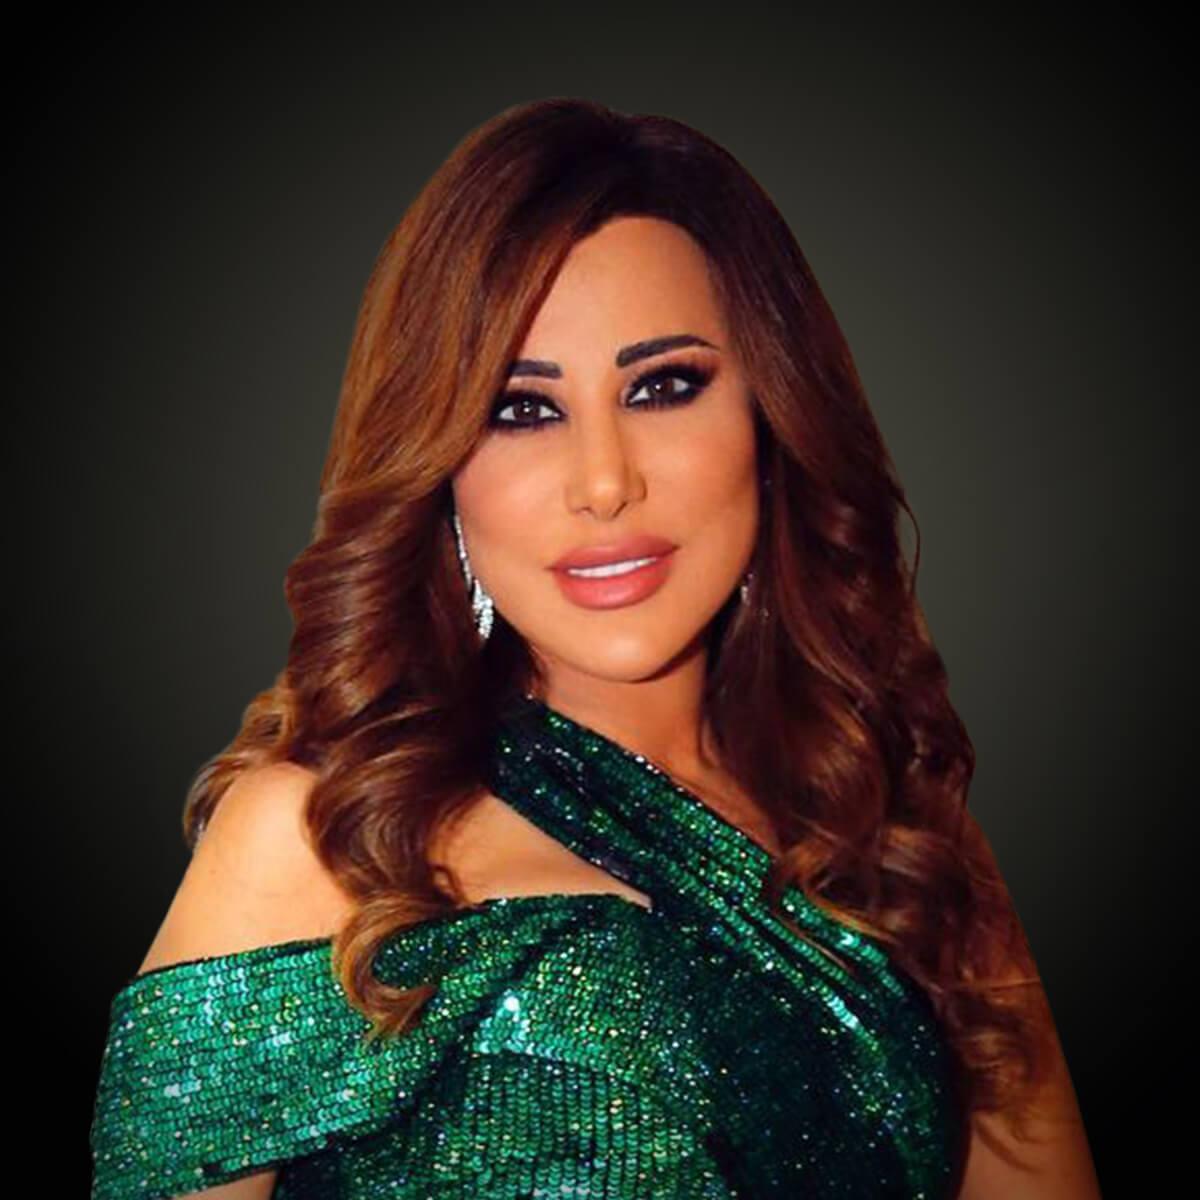 najwa karam arab singer